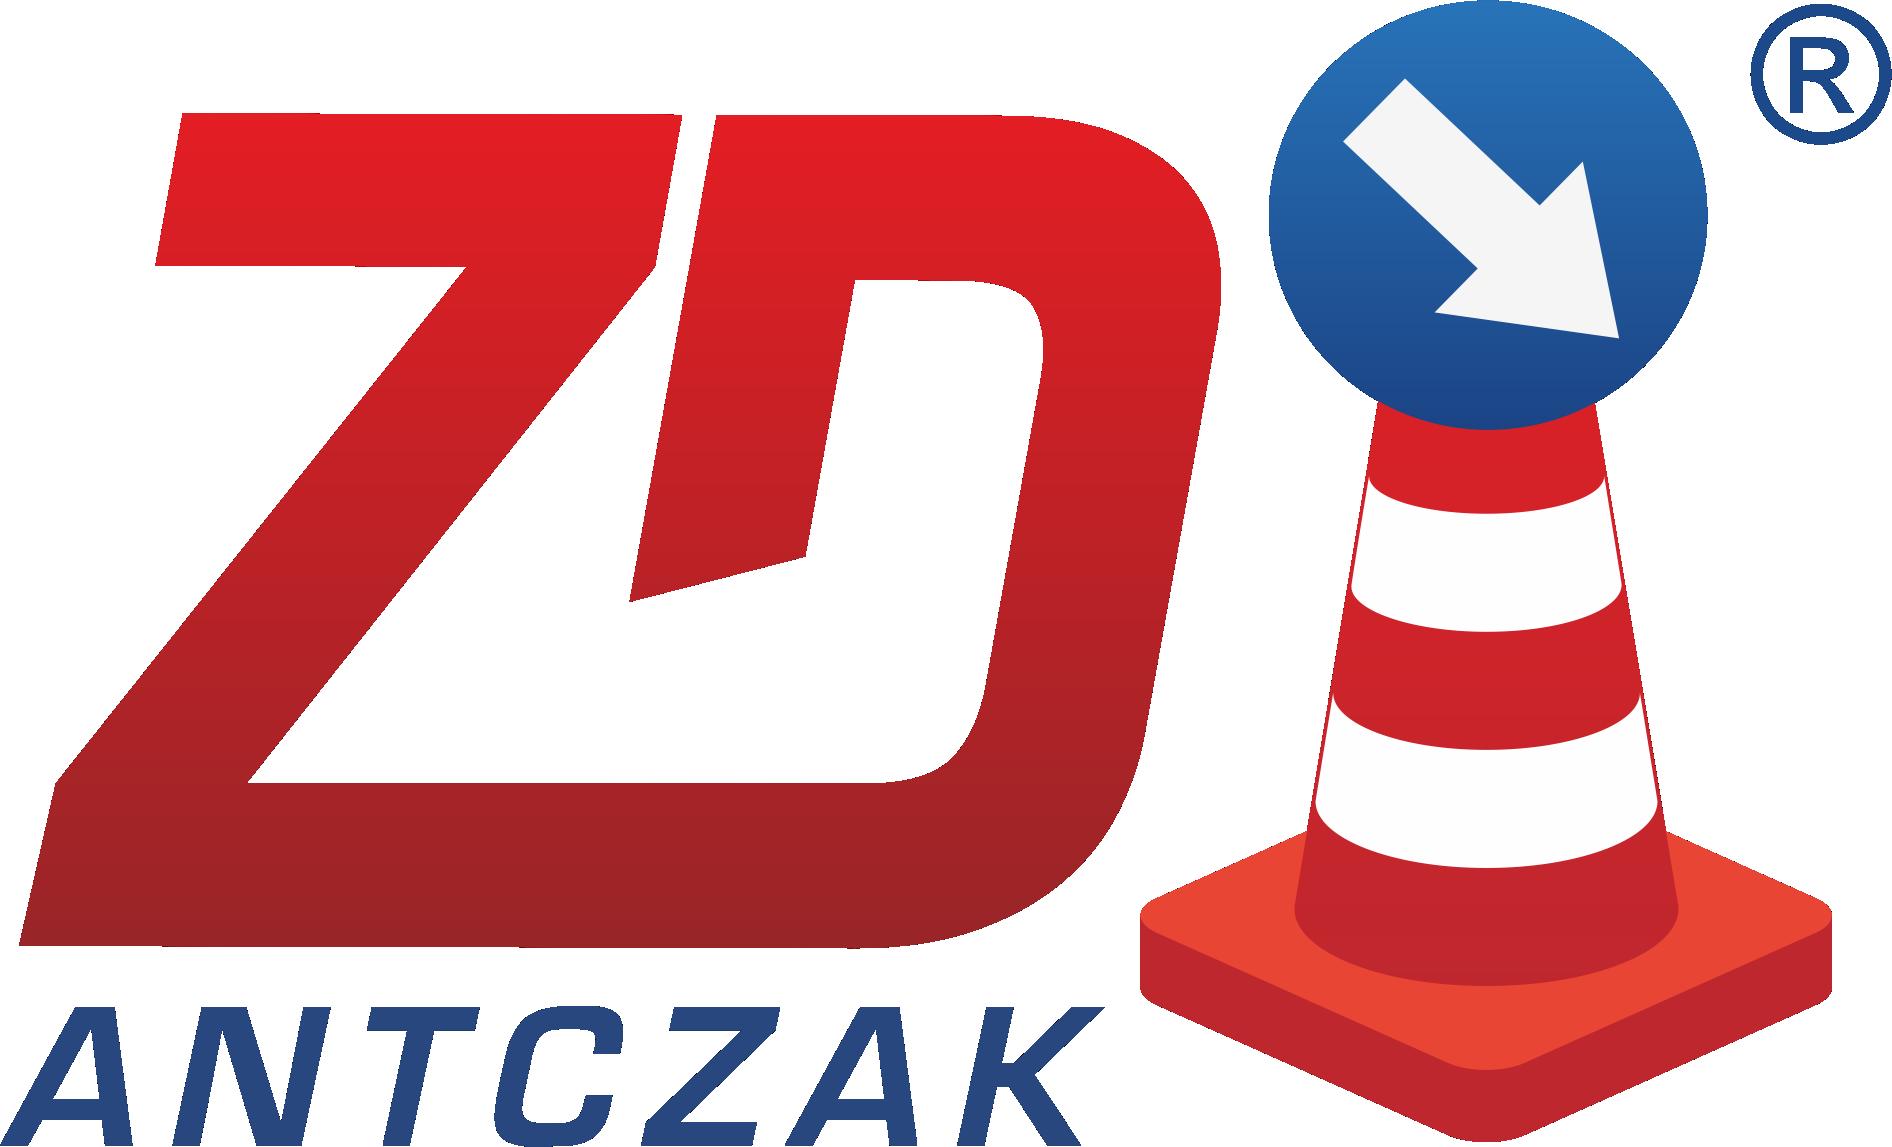 logo_ZD_Antczak